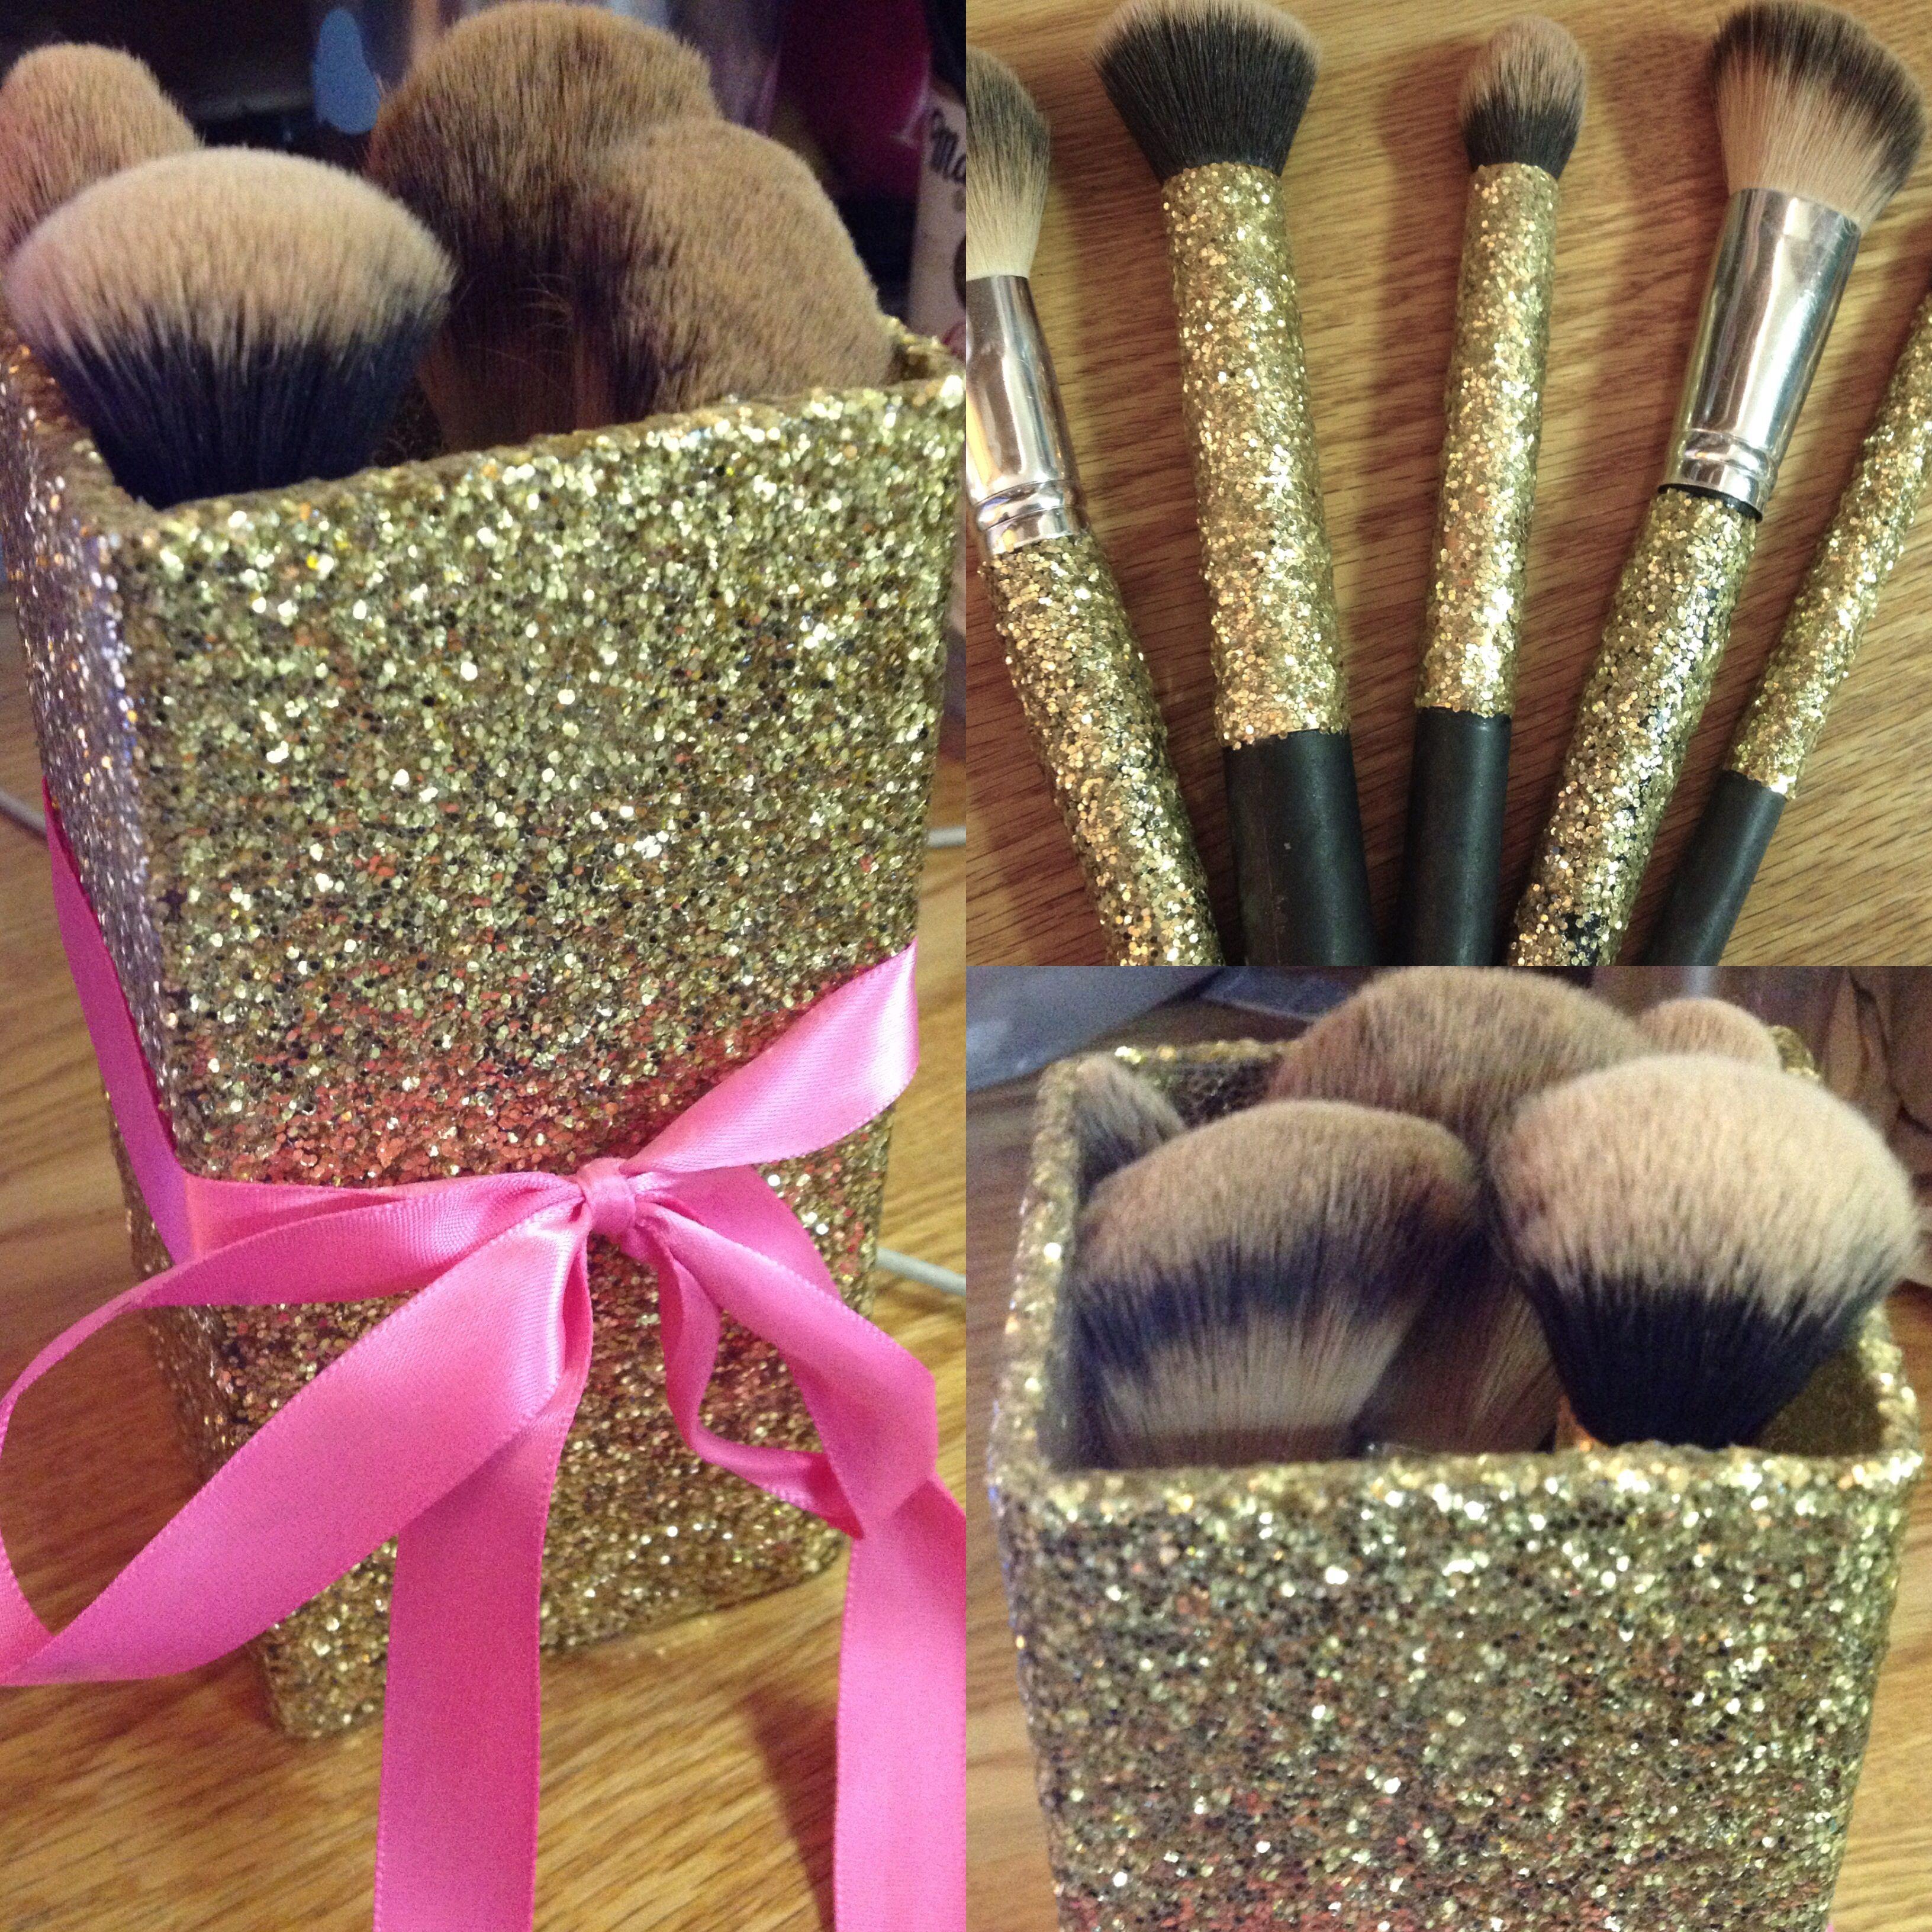 DIY glitter makeup brush holder and matching makeup